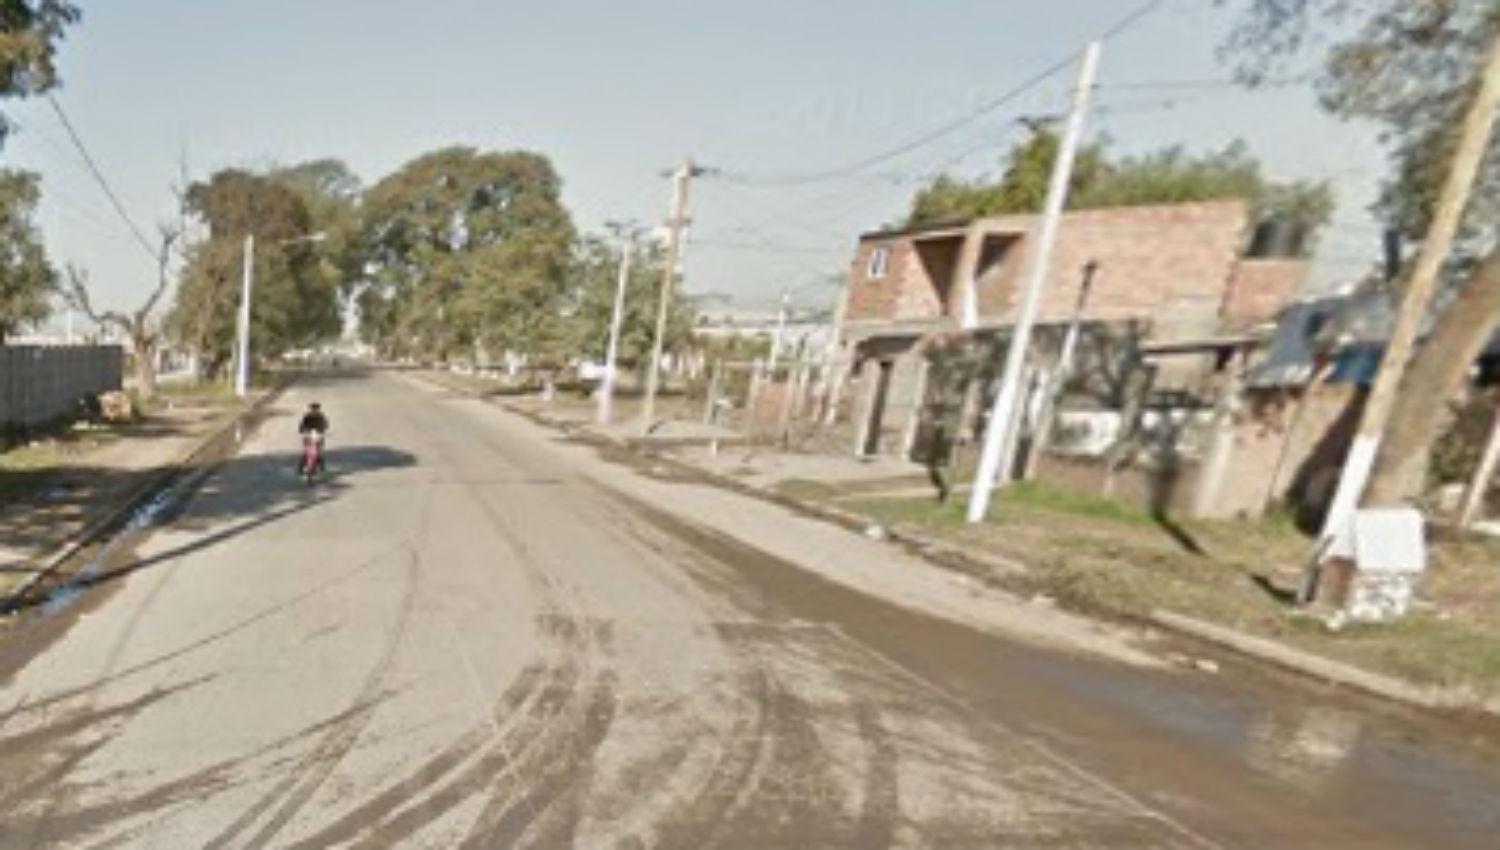 Sábado trágico en Tucumán: cuatro muertos en distintos accidentes viales